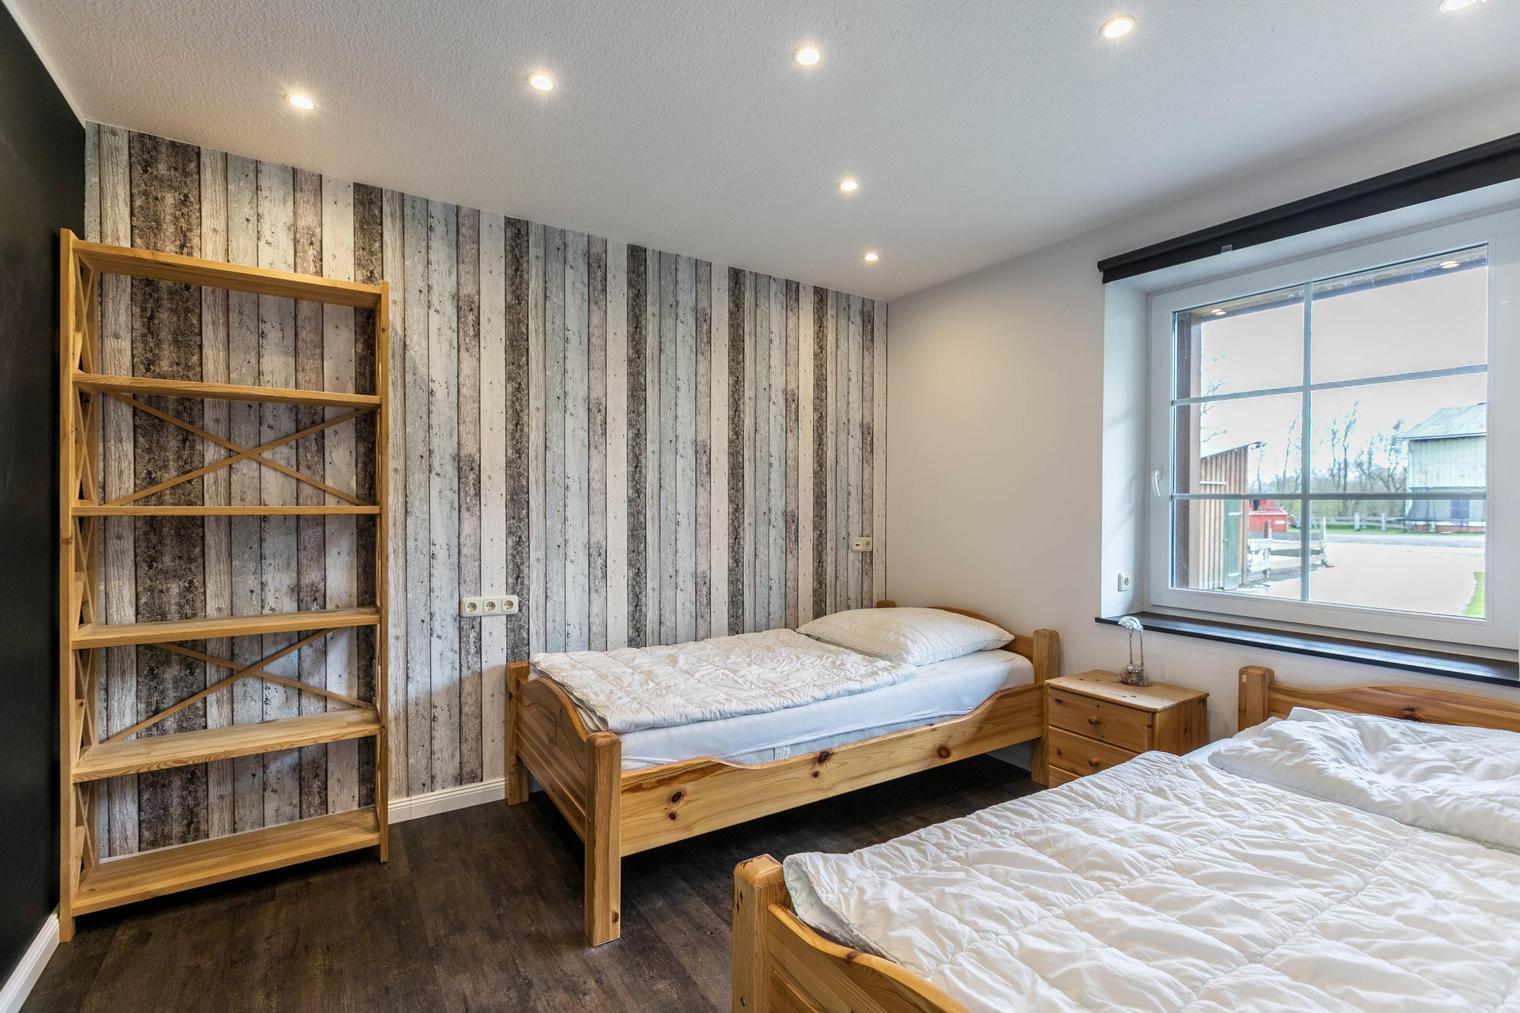 Zweites Schlafzimmer im Desing-Ferienhaus